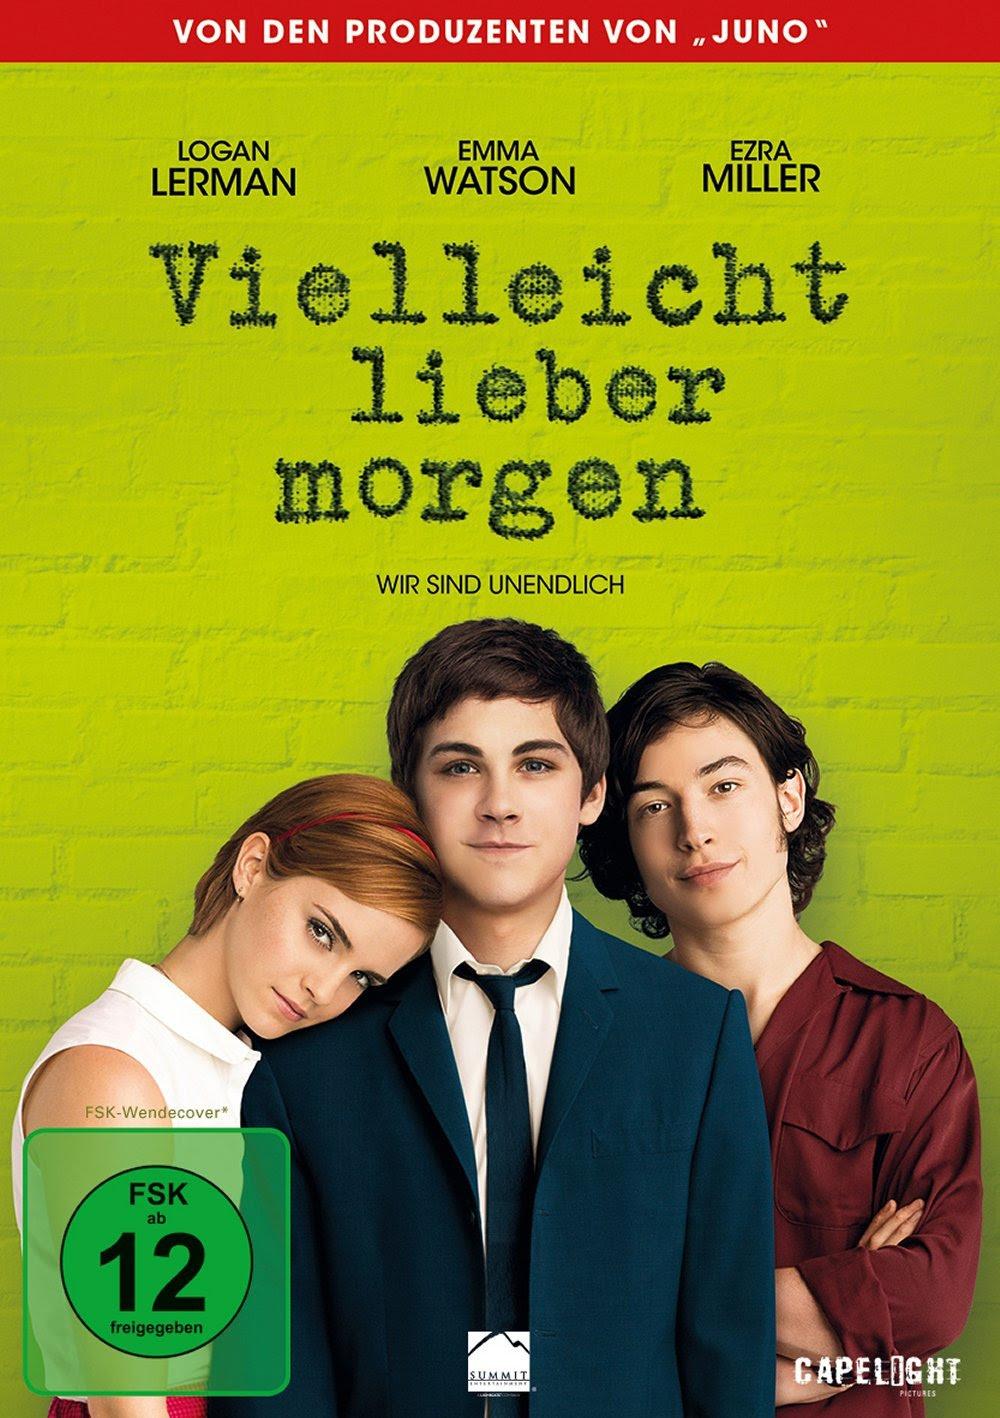 http://www.capelight.de/vielleicht-lieber-morgen